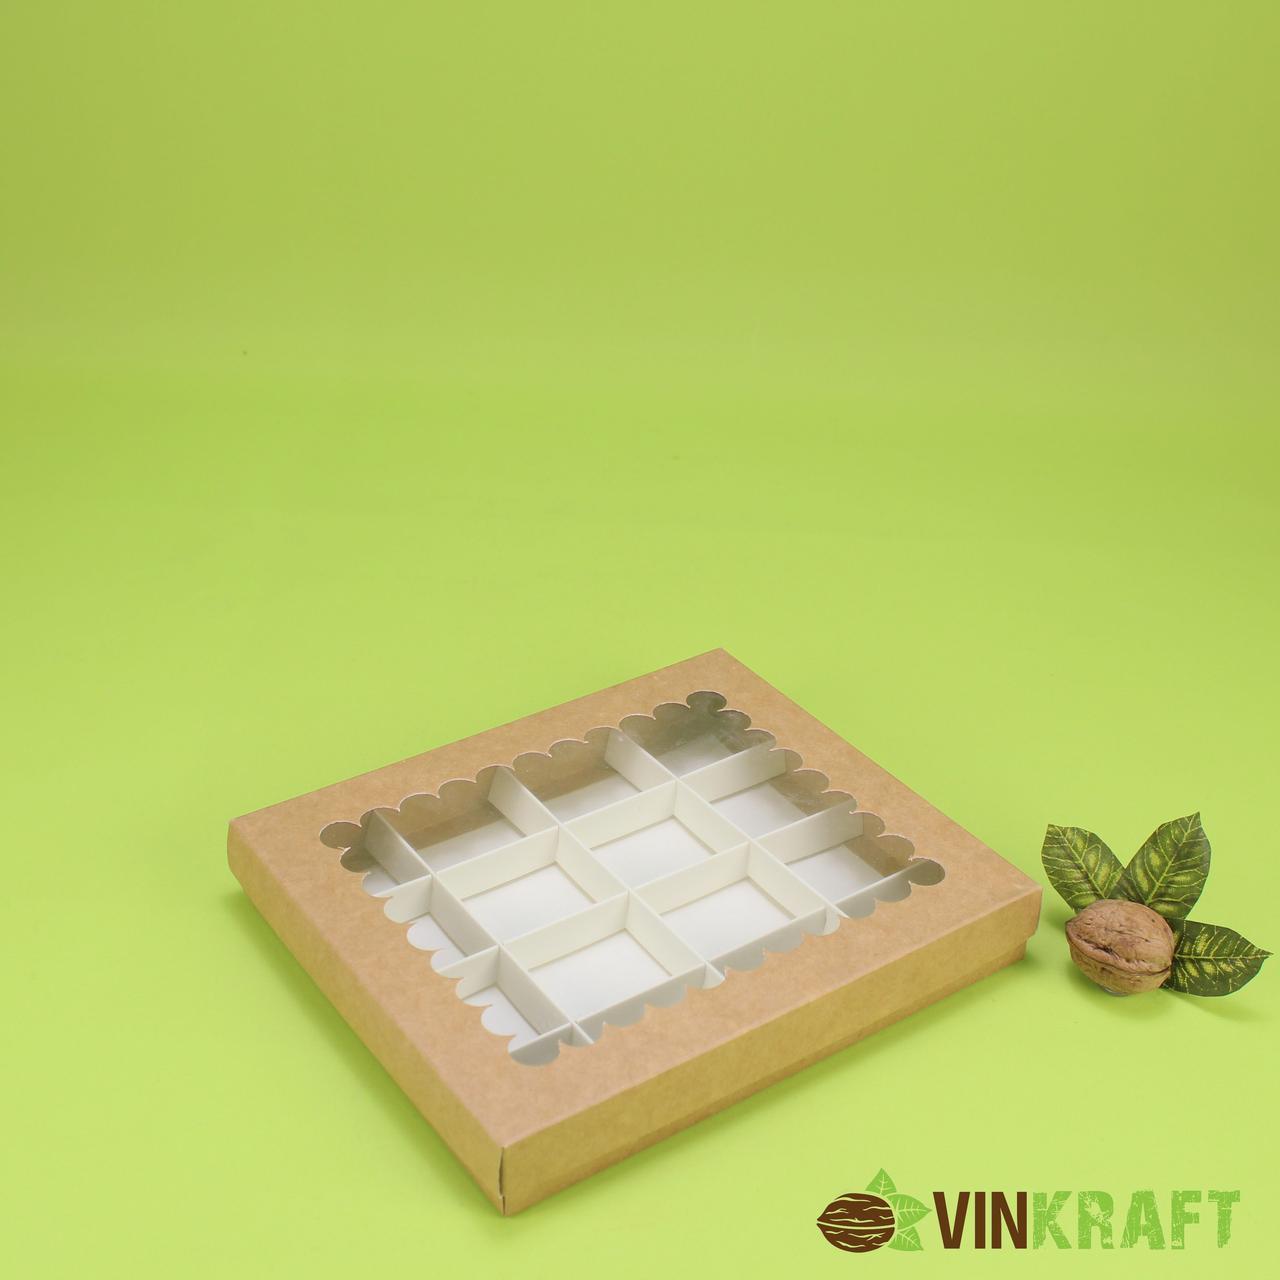 Коробка 200*170*30 для цукерок (16 шт) вікном, крафт